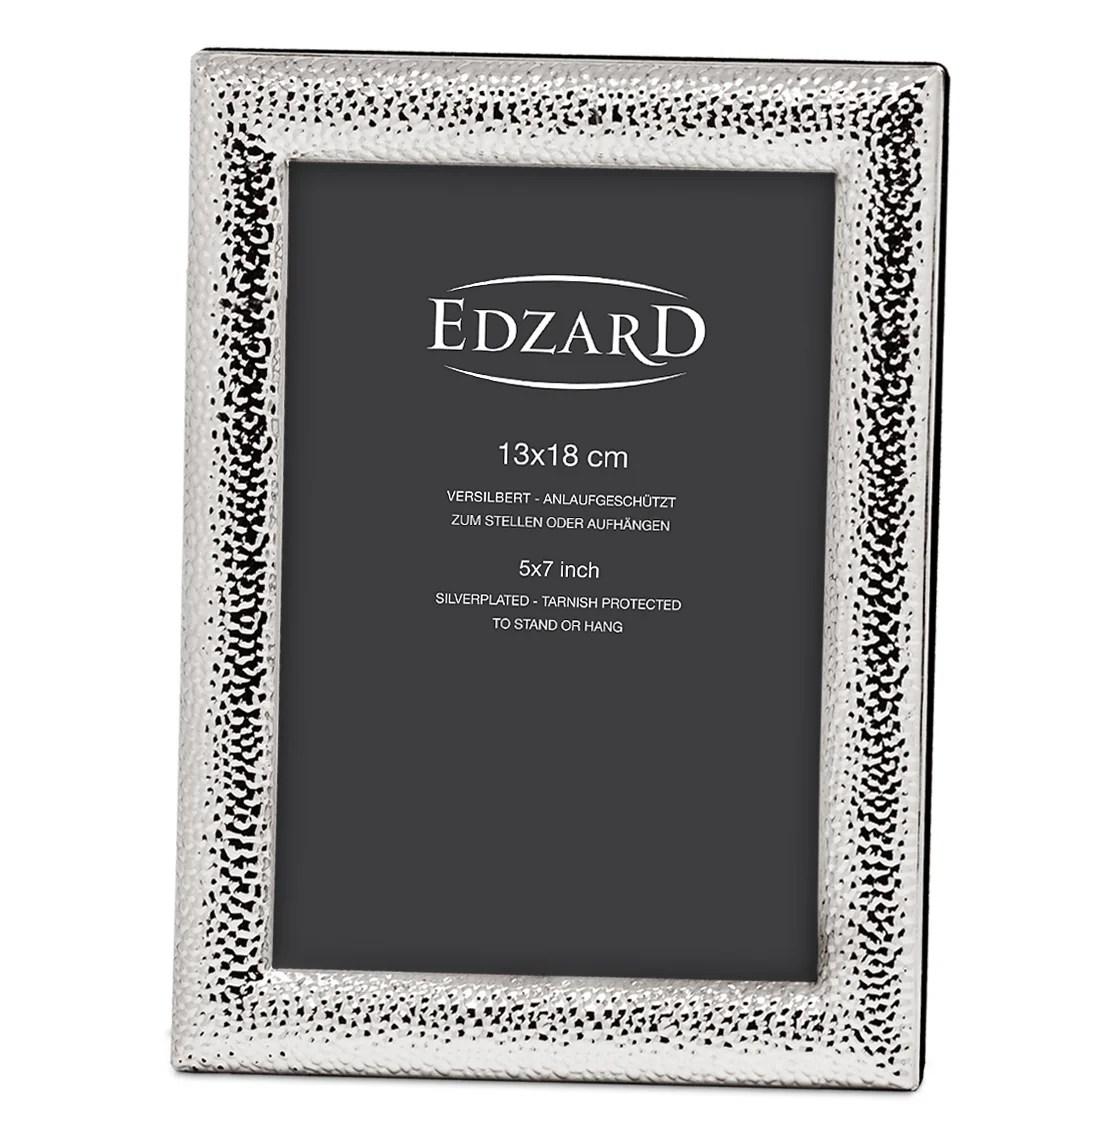 2218 Fotorahmen Marsala für Fotos 13 x 18 cm, edel versilbert, anlaufgeschützt, mit 2 Aufhängern